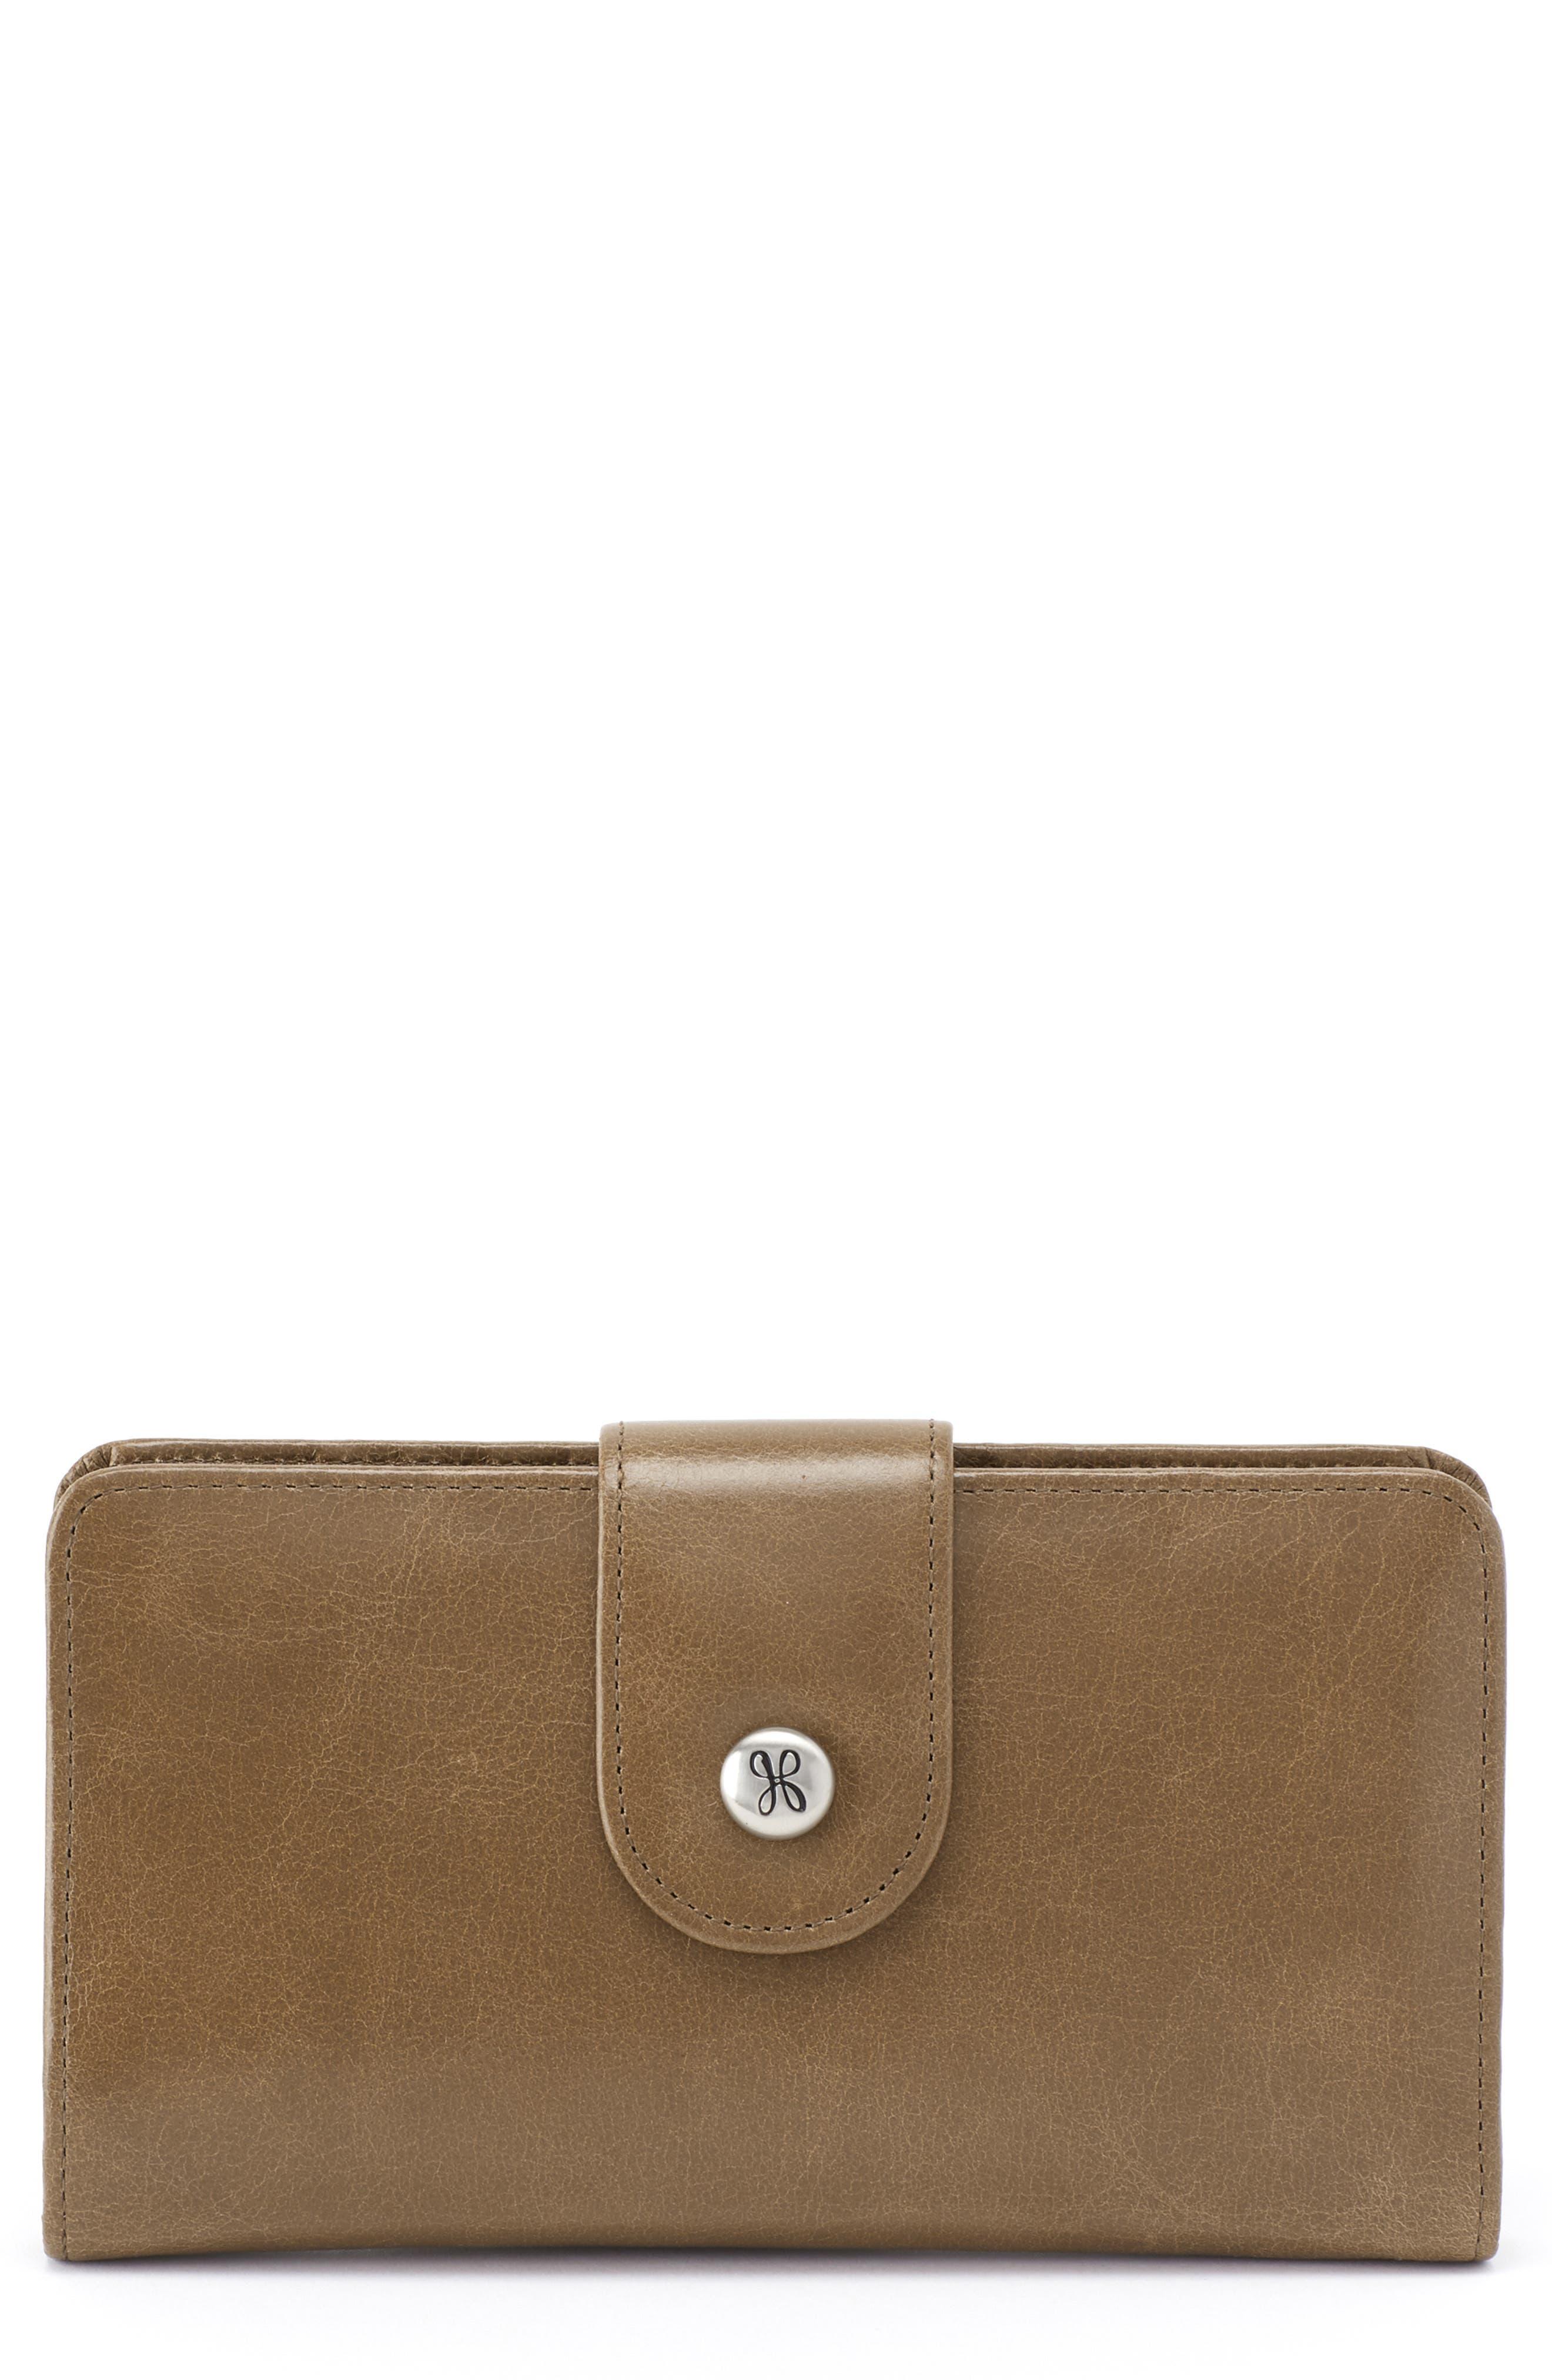 Danette Glazed Continental Wallet,                         Main,                         color, MINK